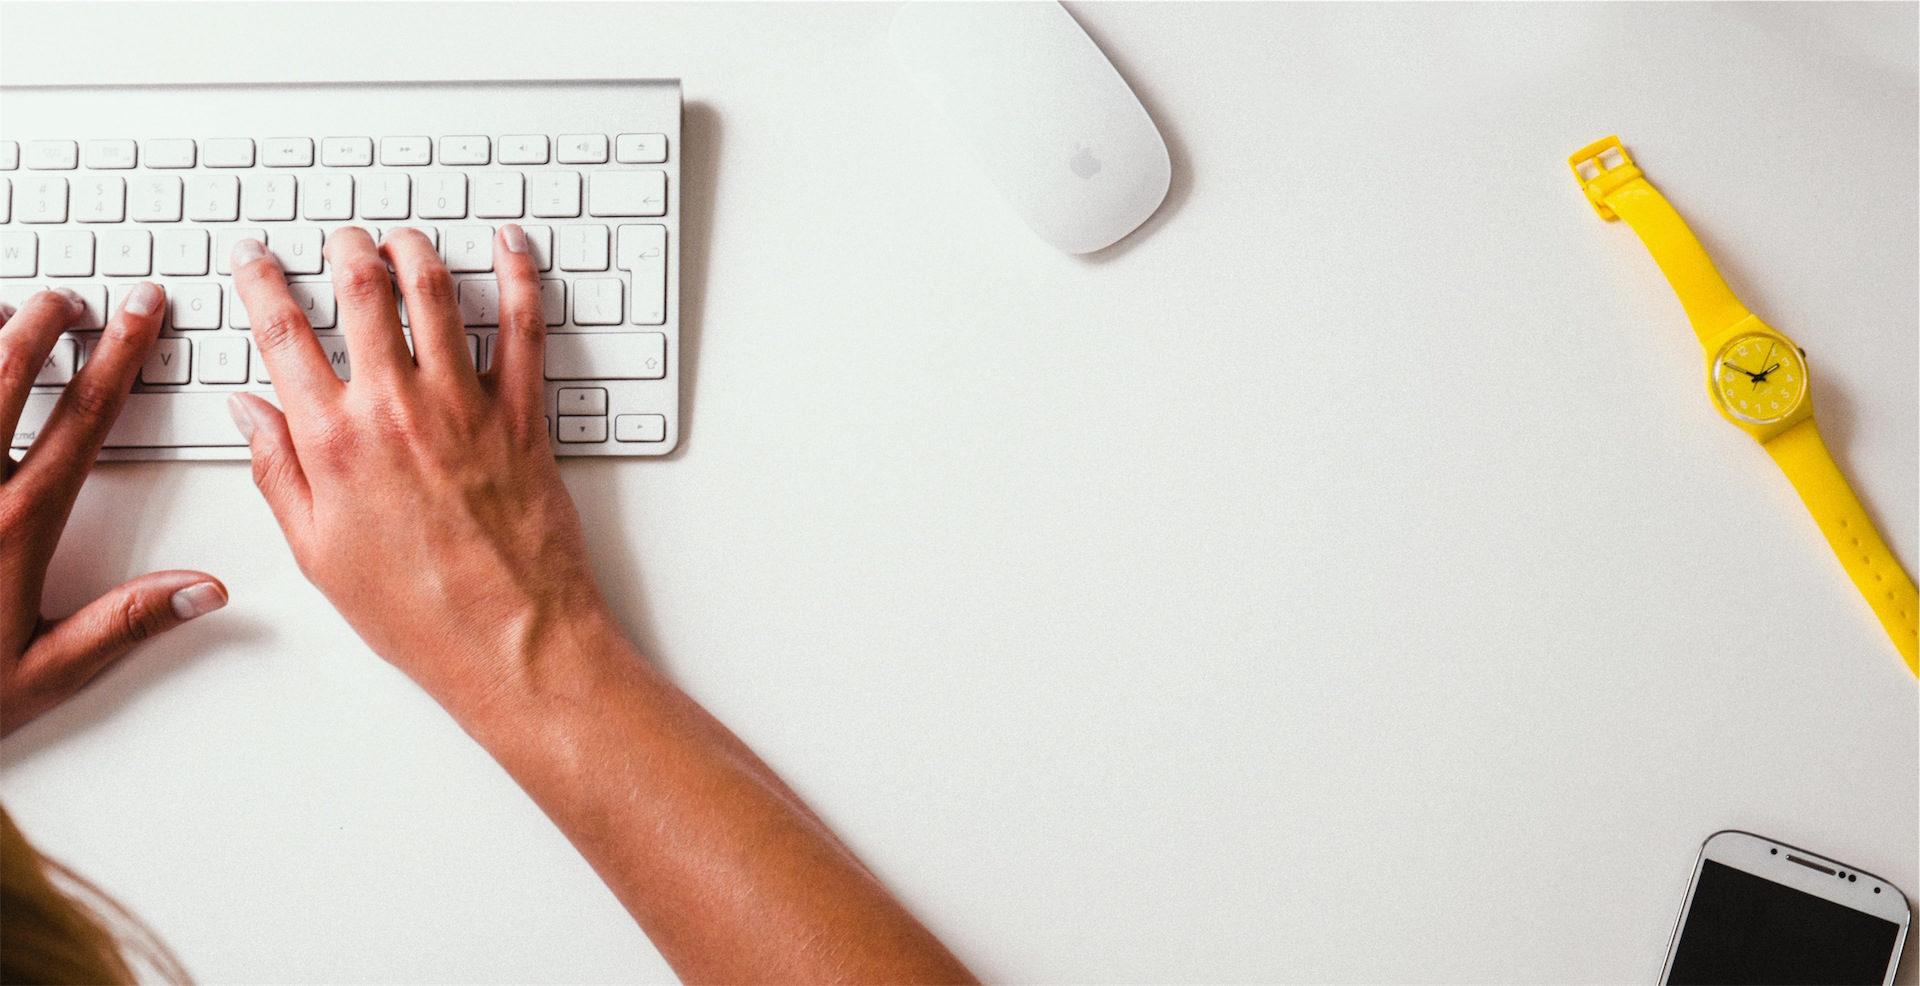 oficina, trabajo, manos, ordenador, reloj - Fondos de Pantalla HD - professor-falken.com